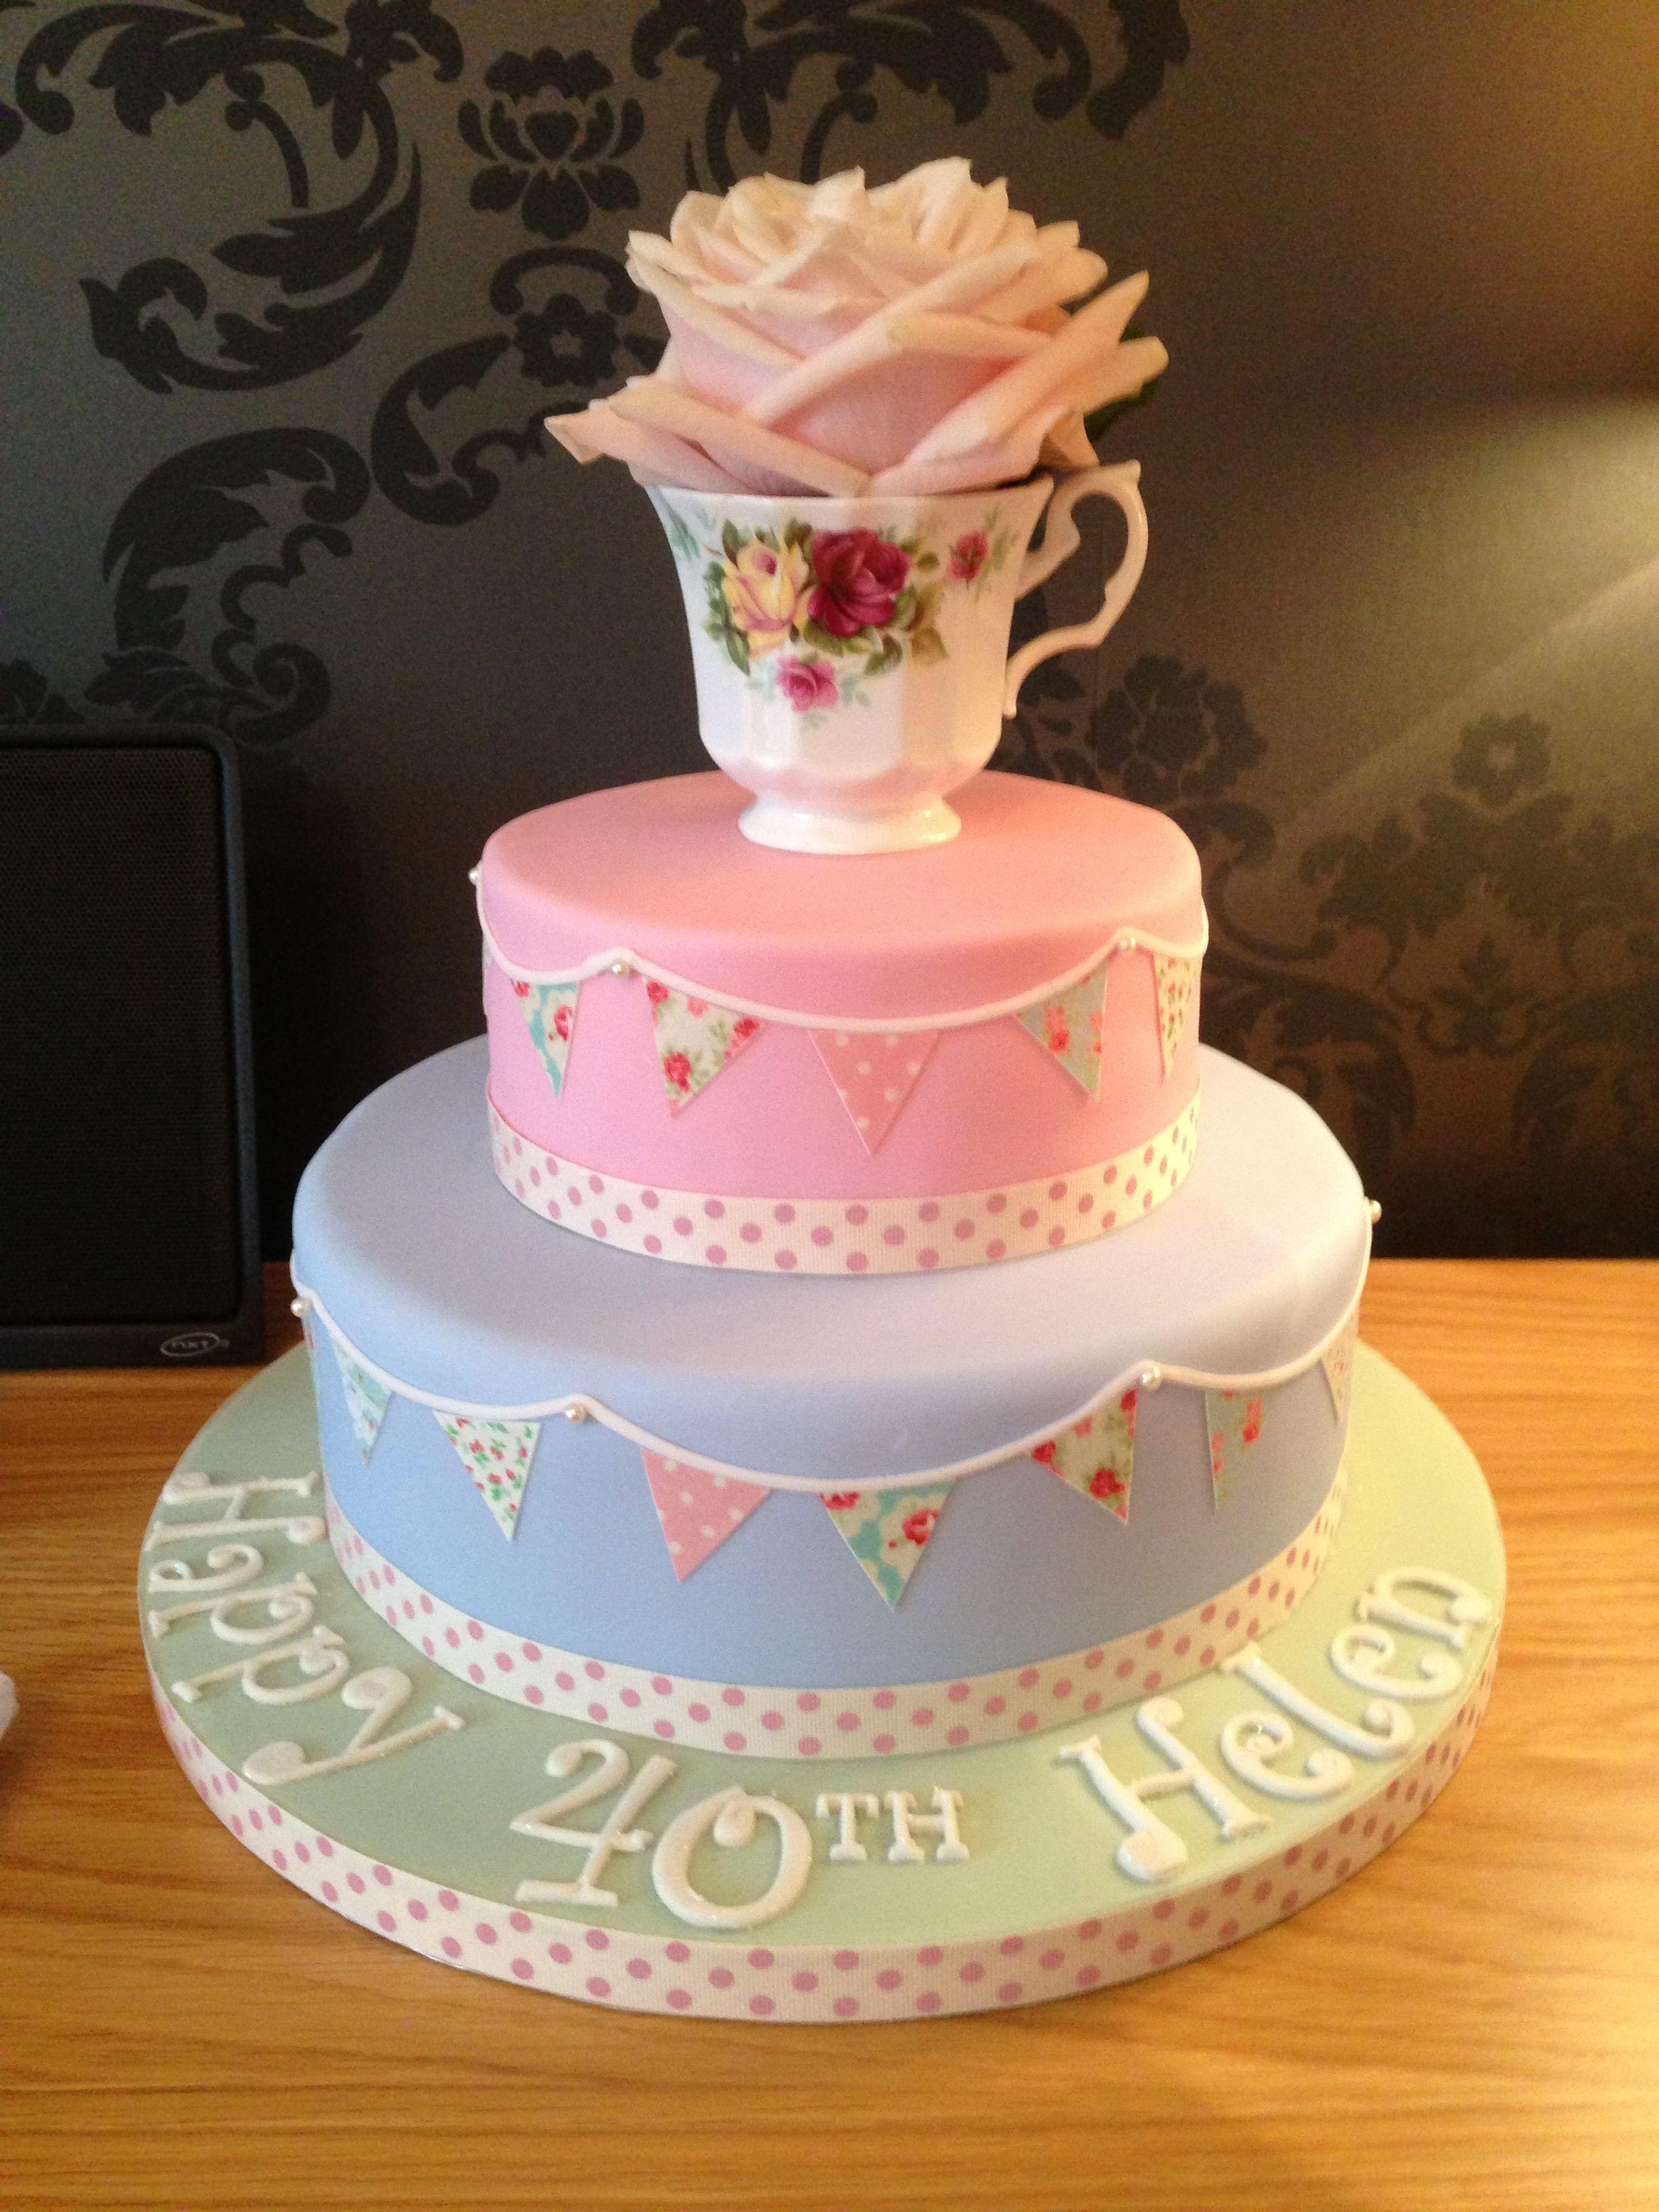 Cath Kidston Vintage Style Cake